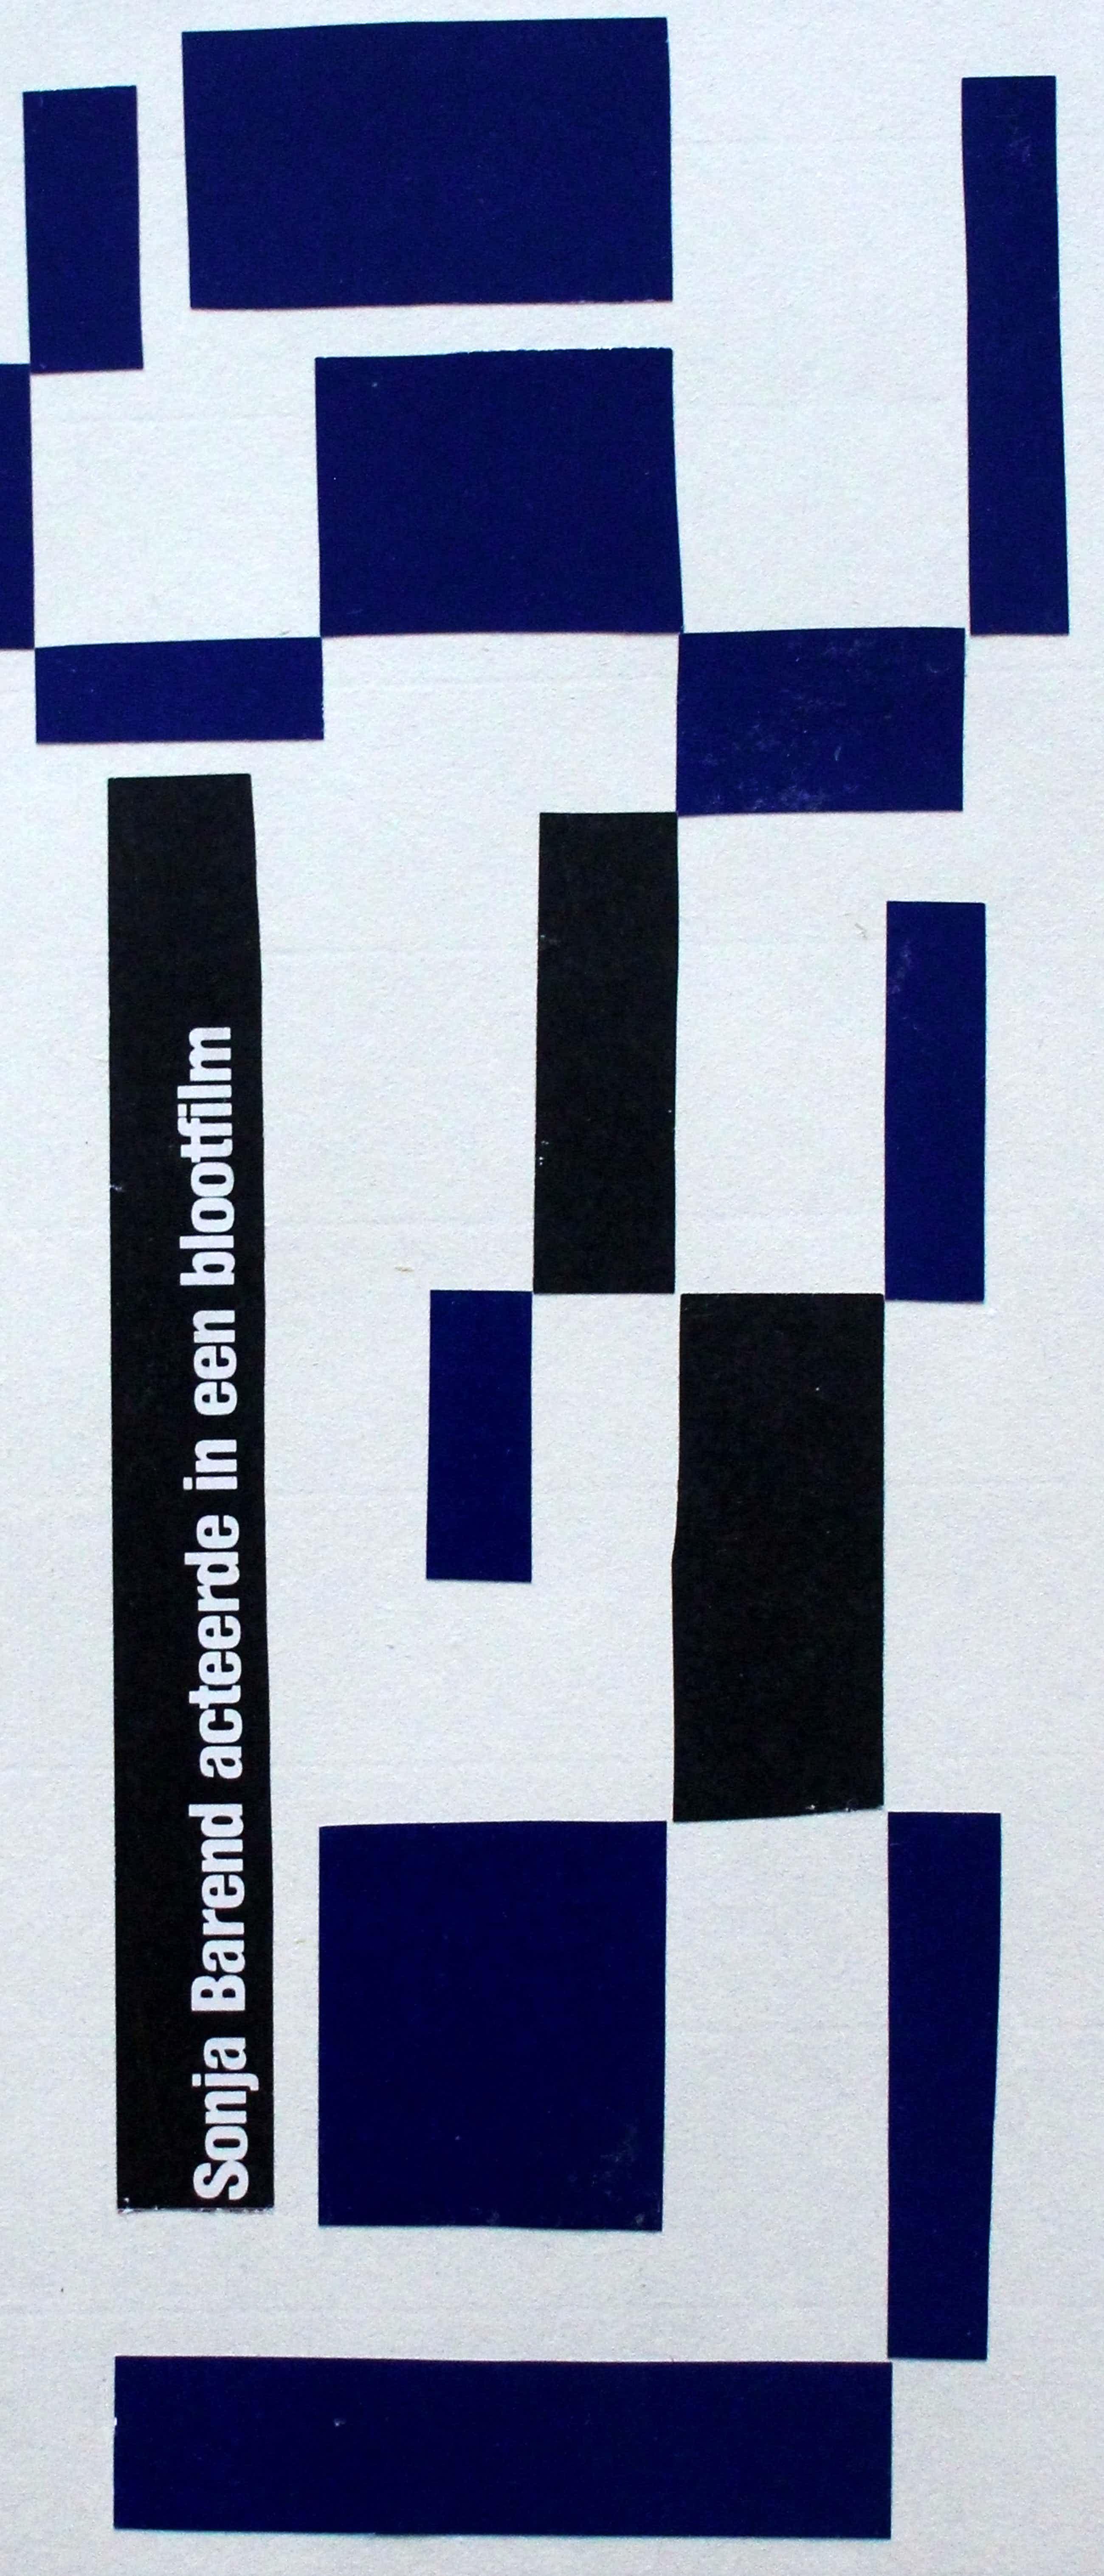 Siep van den Berg - Gemengde techniek: 4 Blauw extra 2 - 1984 kopen? Bied vanaf 95!